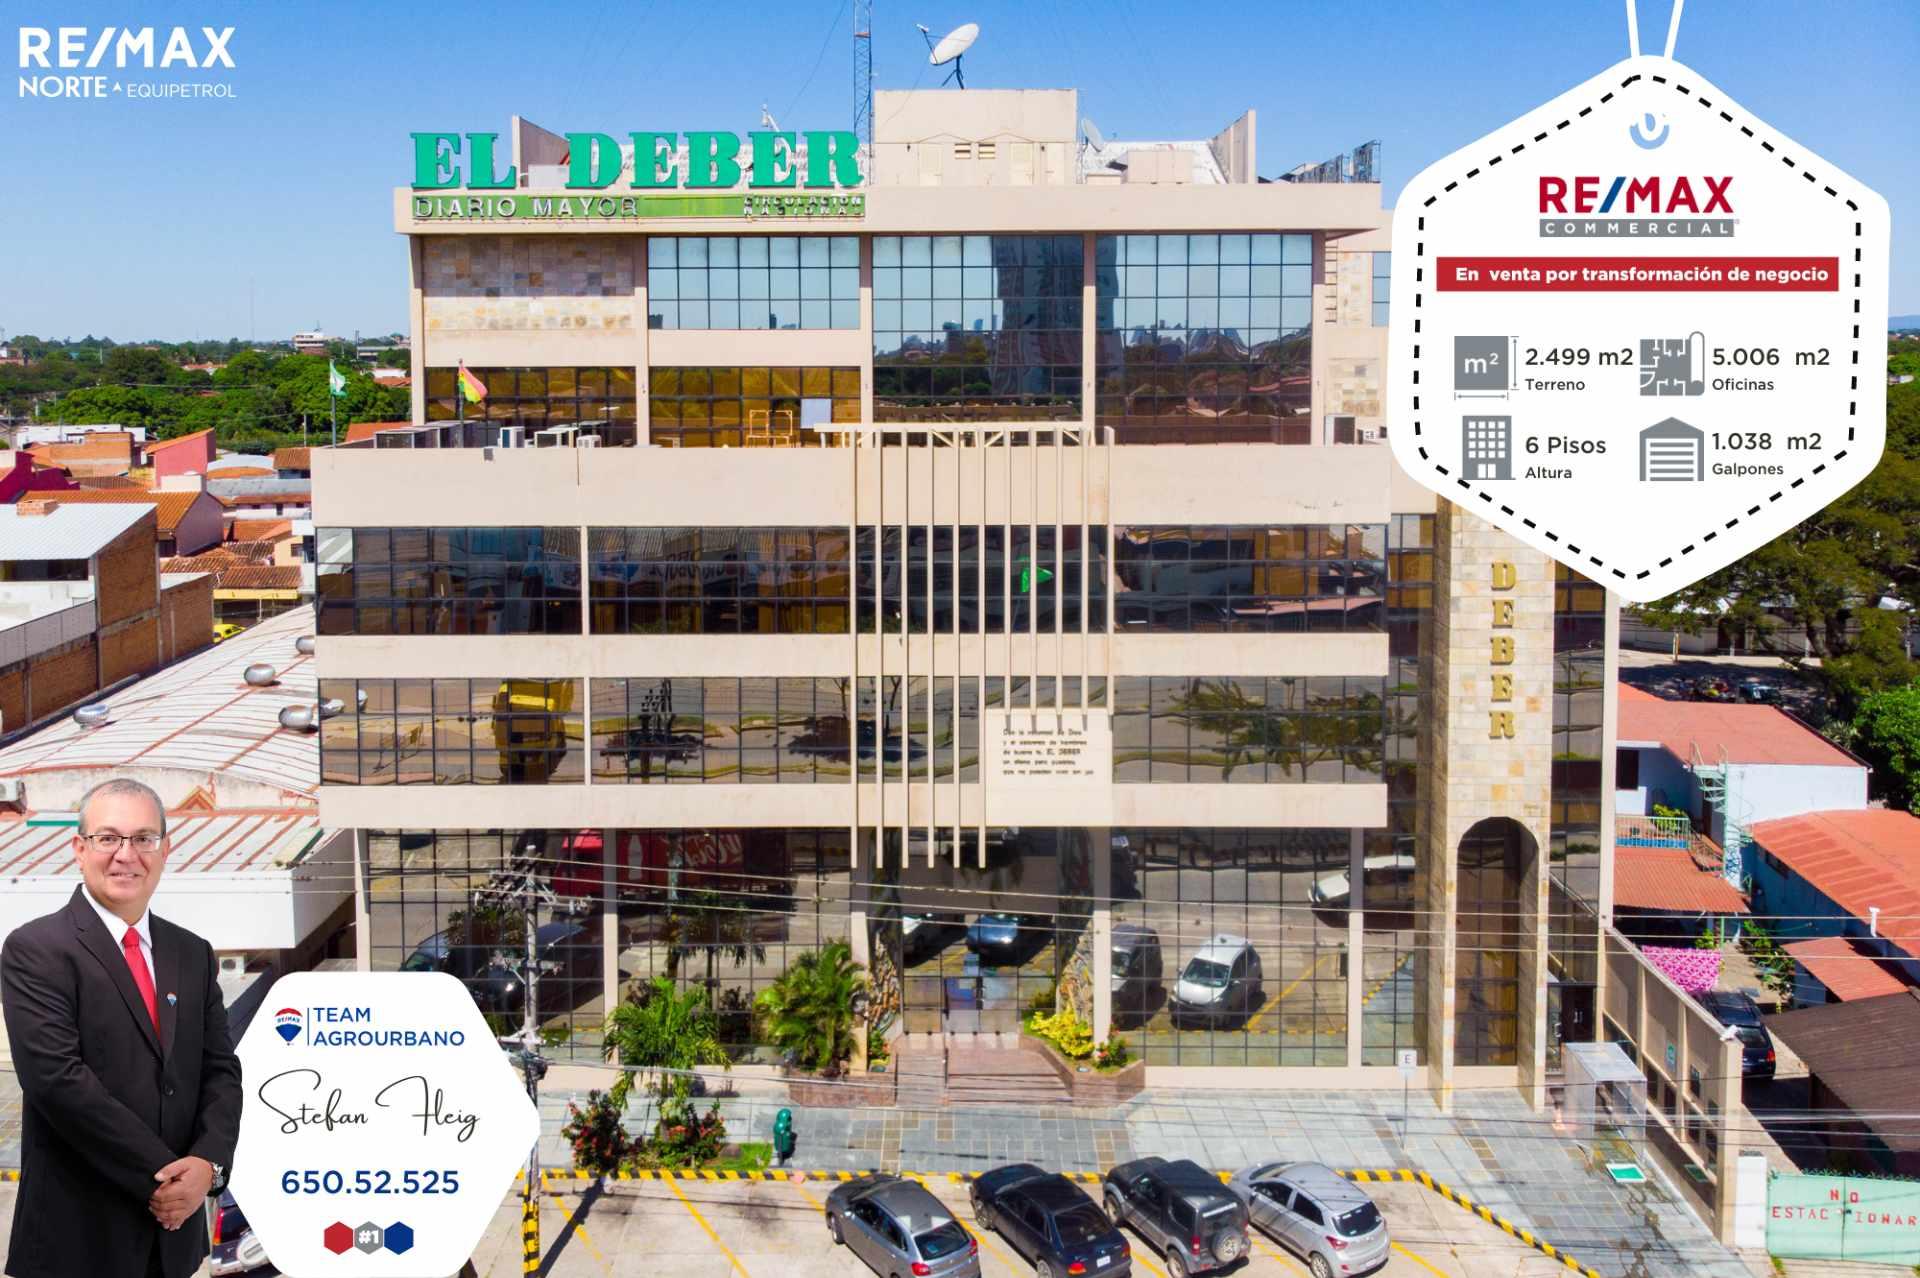 Edificio en Venta Edificio corporativo Avenida El Trompillo (2do anillo), esquina calle Melquiades Barbery Foto 1